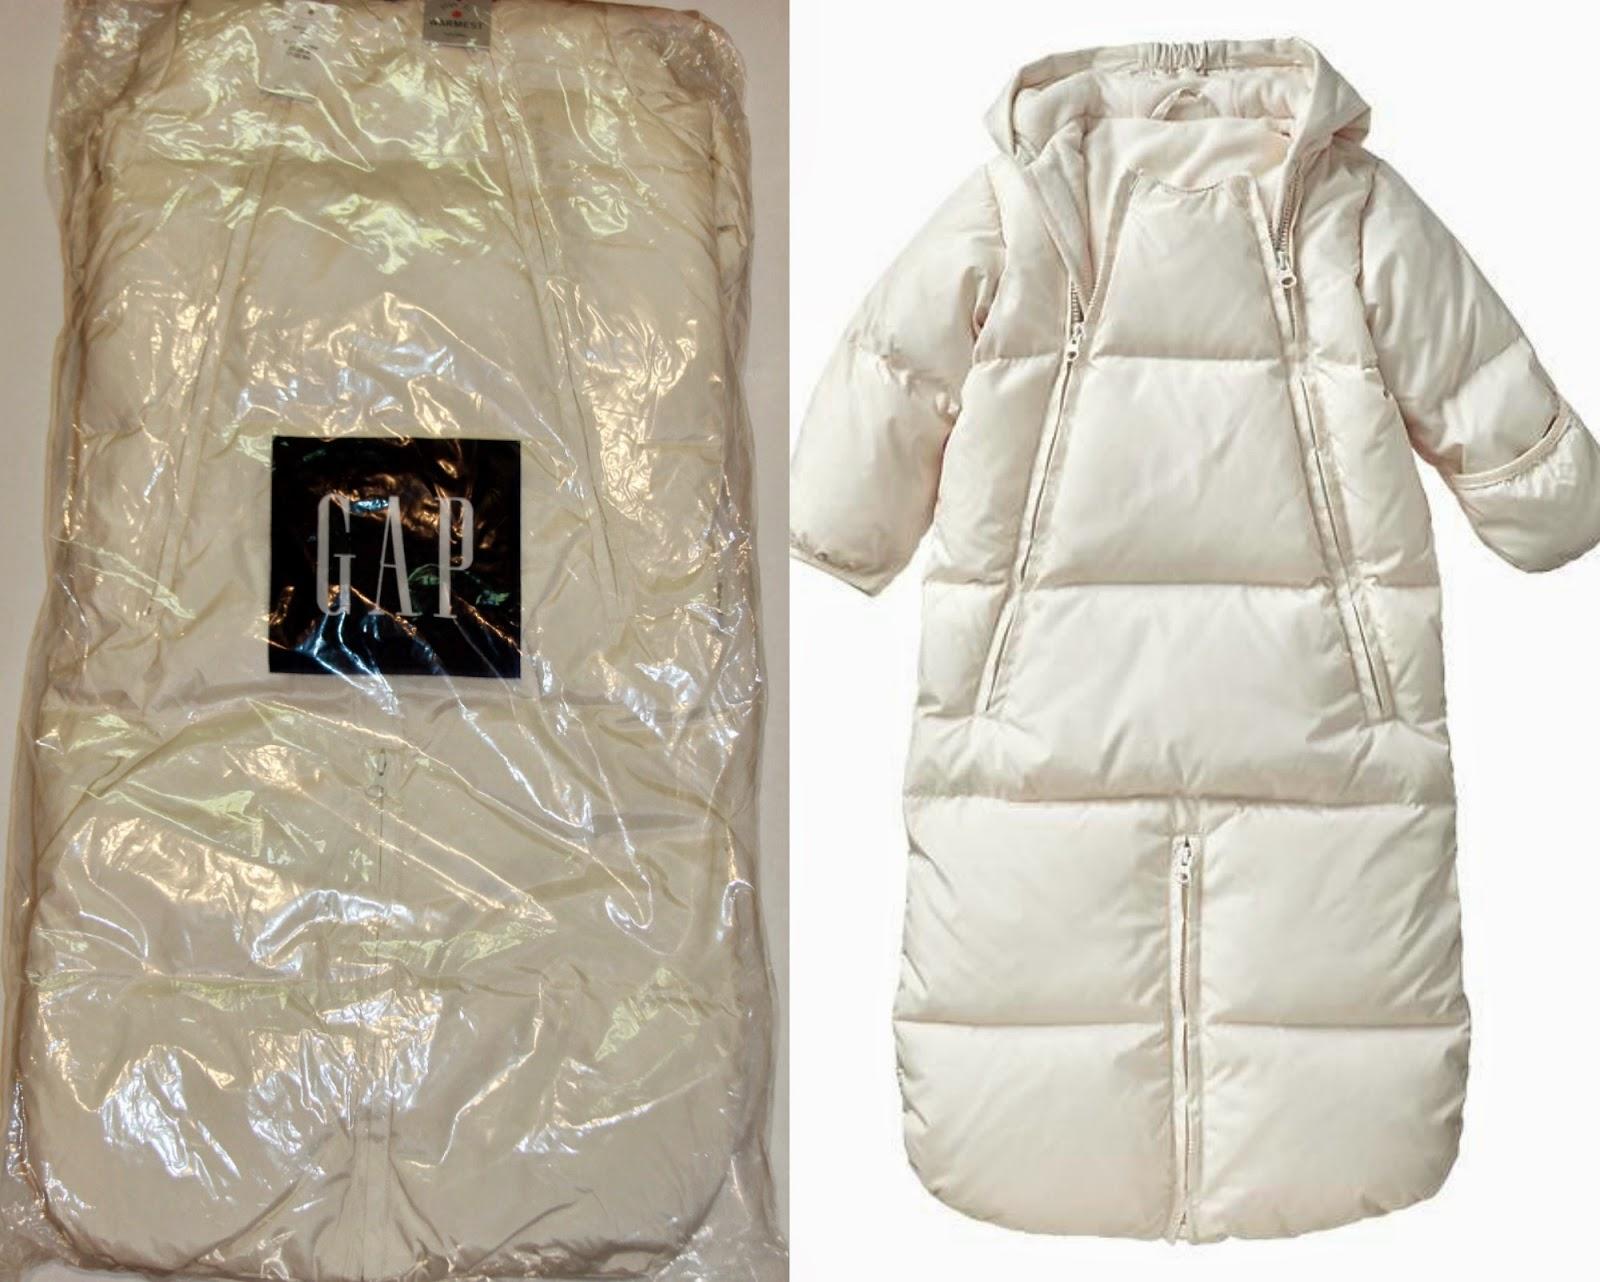 GAP Baby Warmest Snowsuit Review